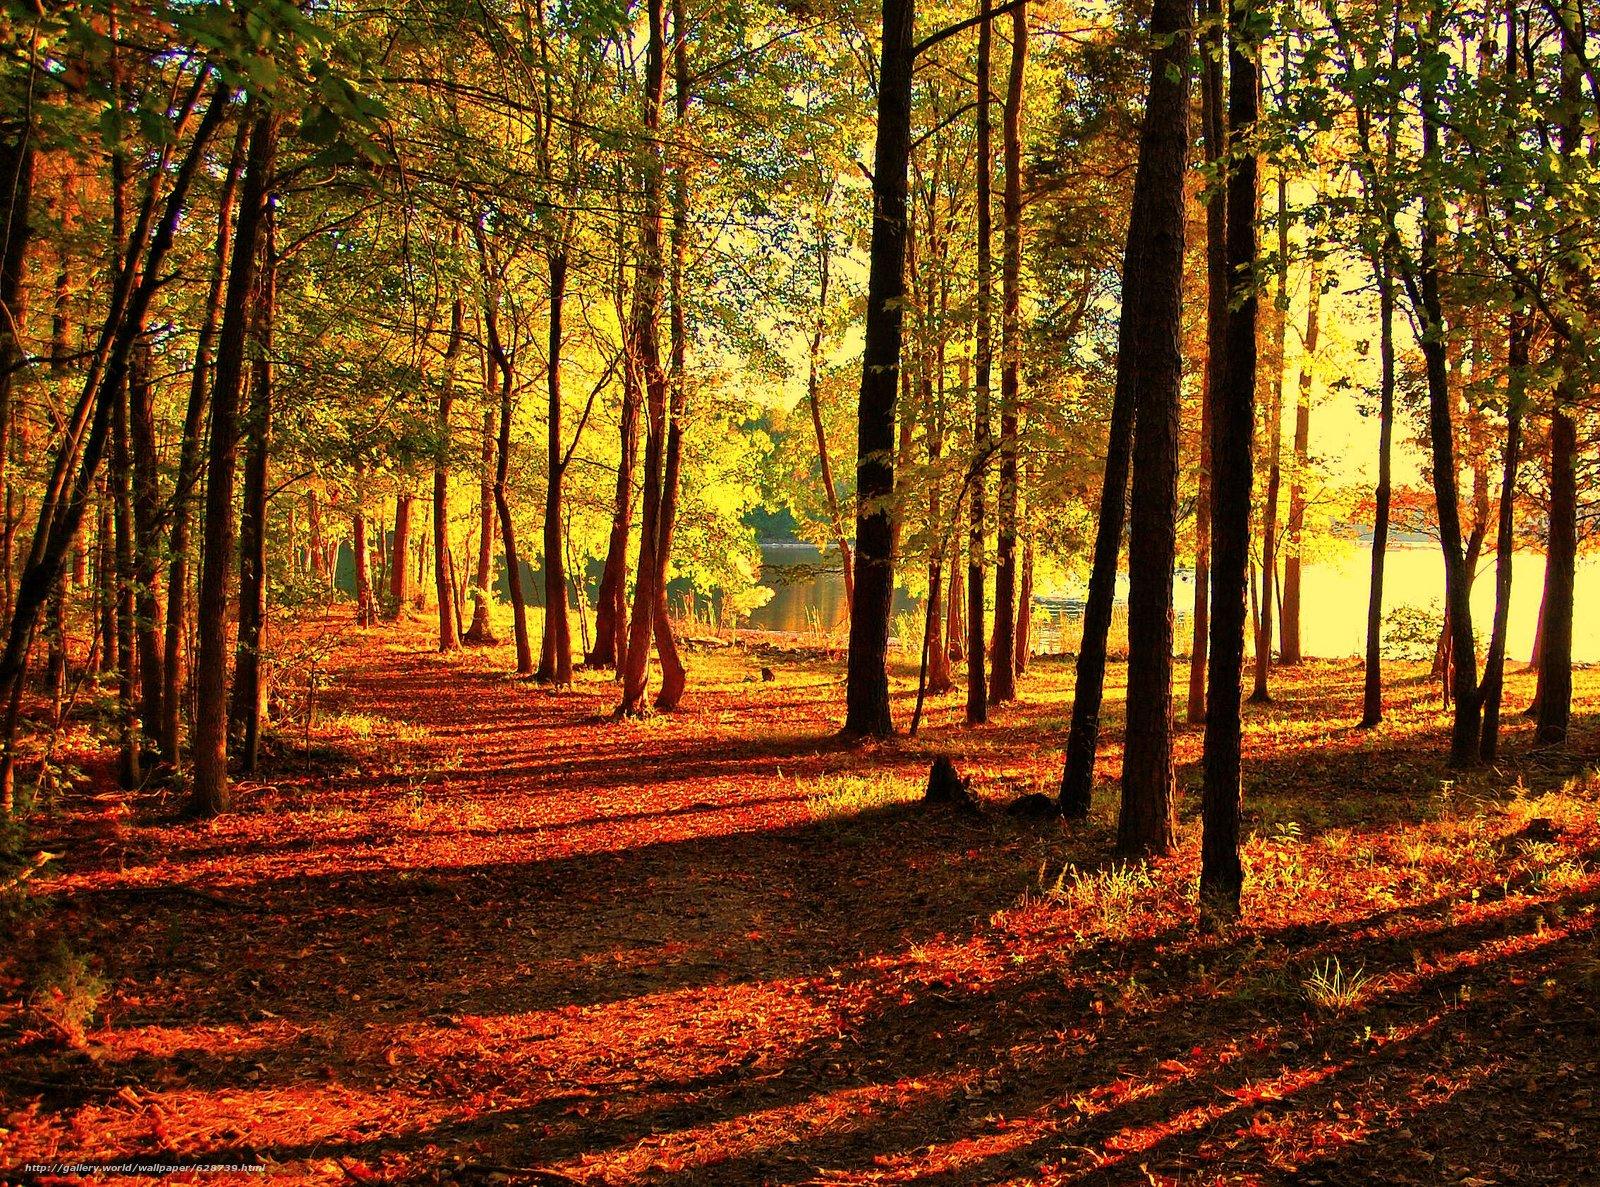 осень, парк, дорога, деревья, водоём, пейзаж